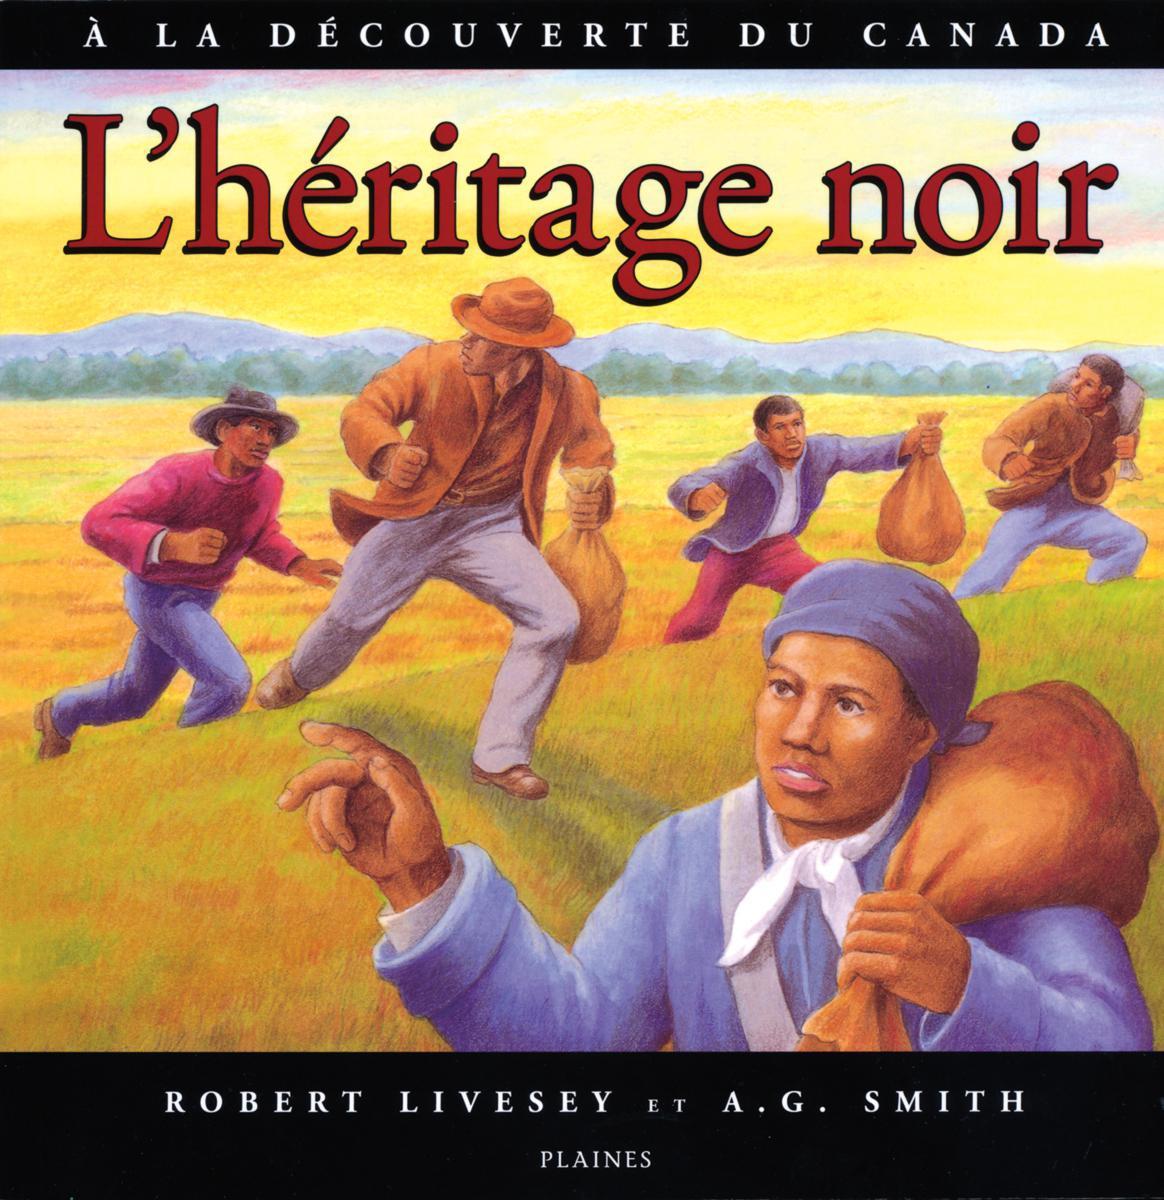 À la découverte du Canada : L'héritage noir